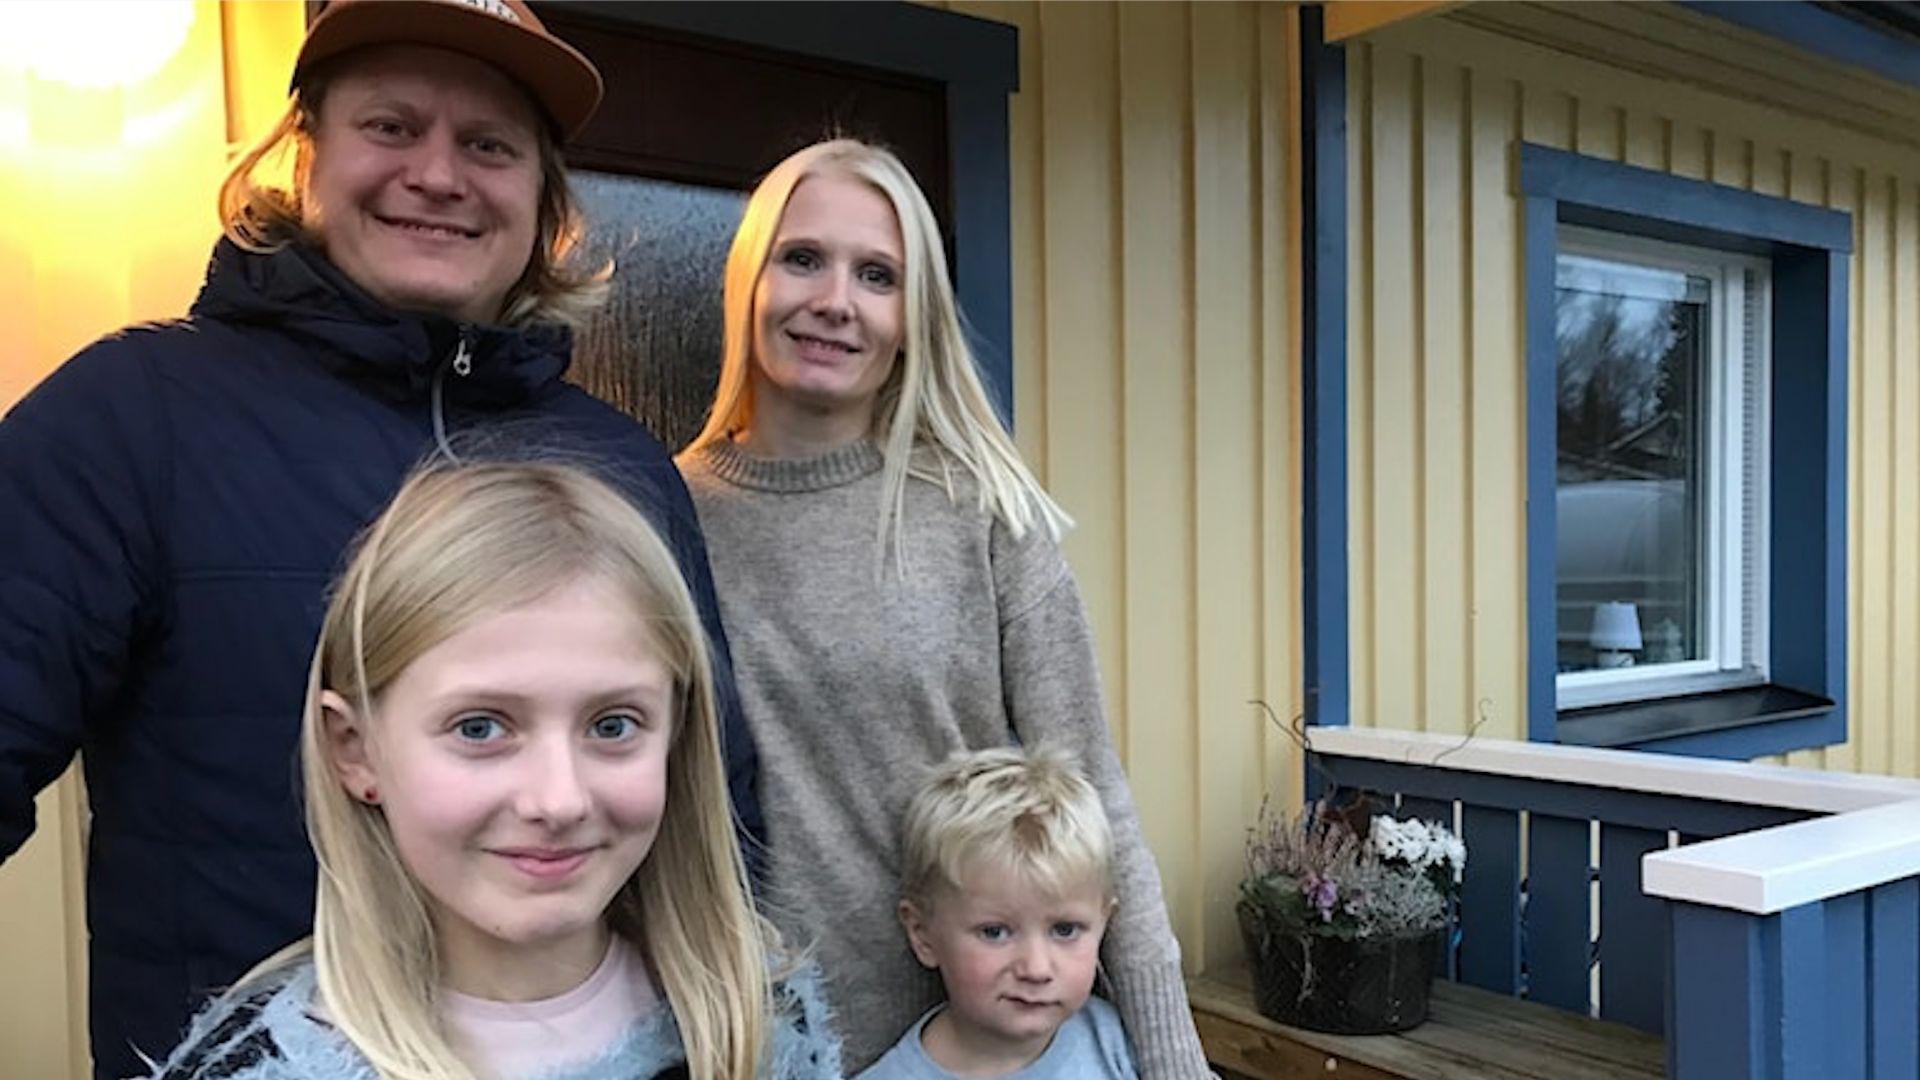 Inflyttare till Kaxås - Linda Norén, Martin Jarske och barnen Ebba och Alvin (Kevin inte med på bild). Foto © Elin Turpeinen/Sveriges Radio